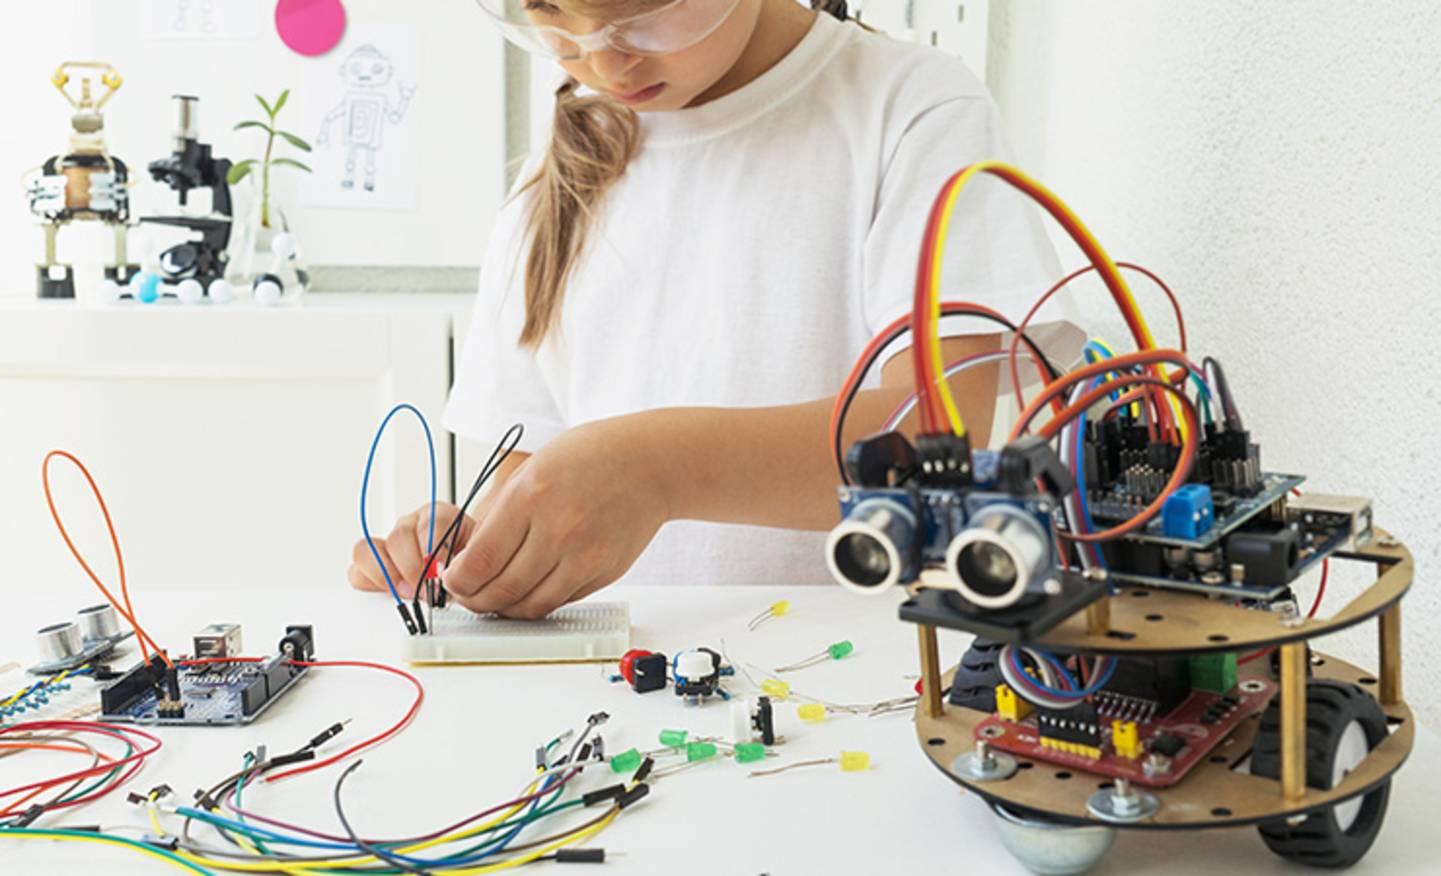 Alles zu Entwicklungskits und Roboter ansehen »